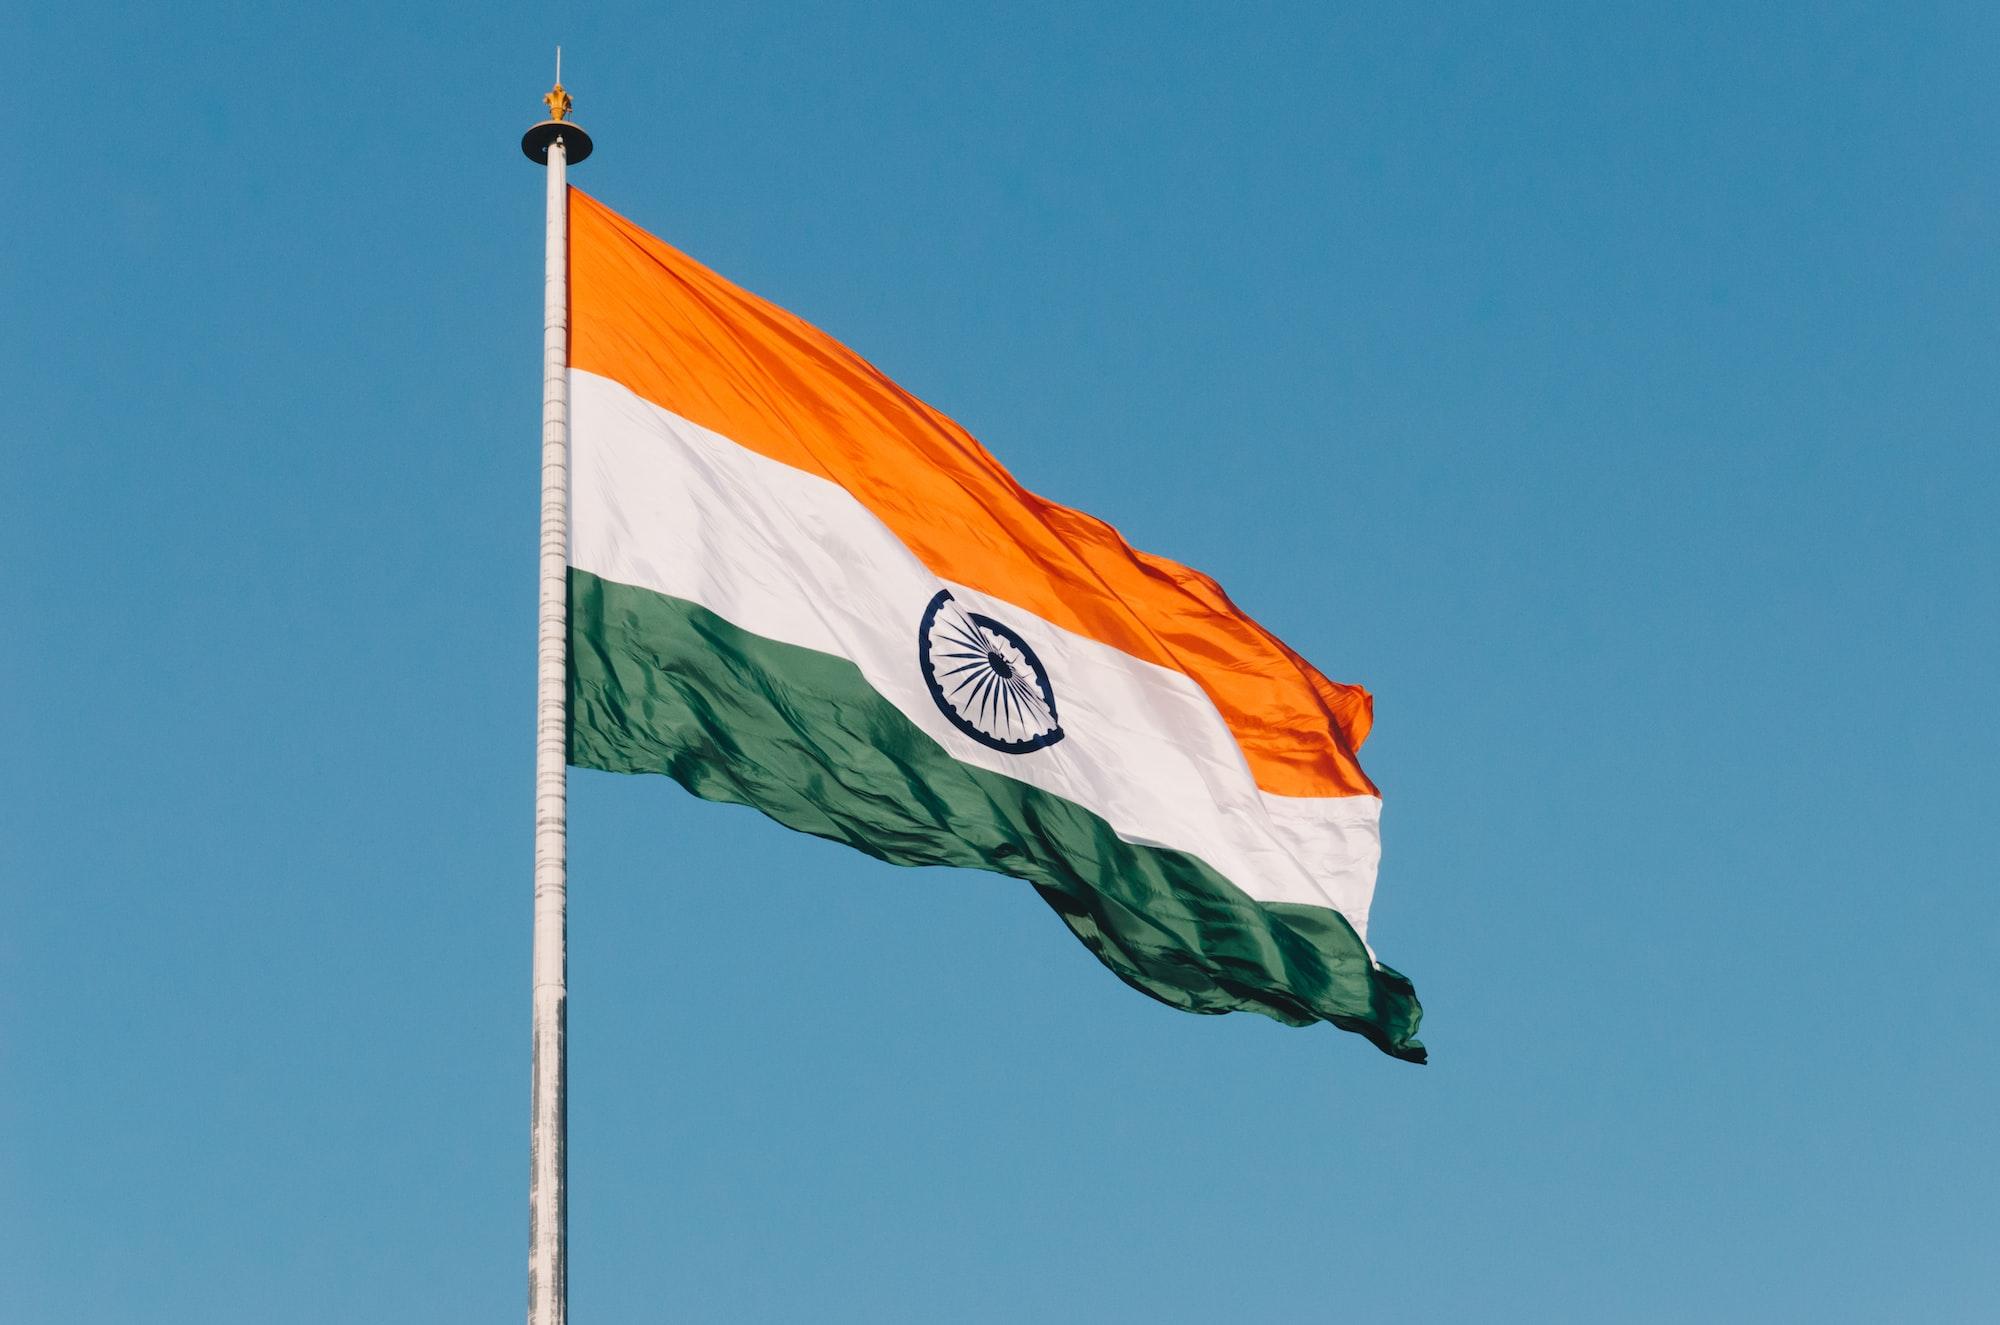 ธนาคารท้องถิ่นอินเดียใช้ดุลพินิจให้บริการคริปโตเองได้